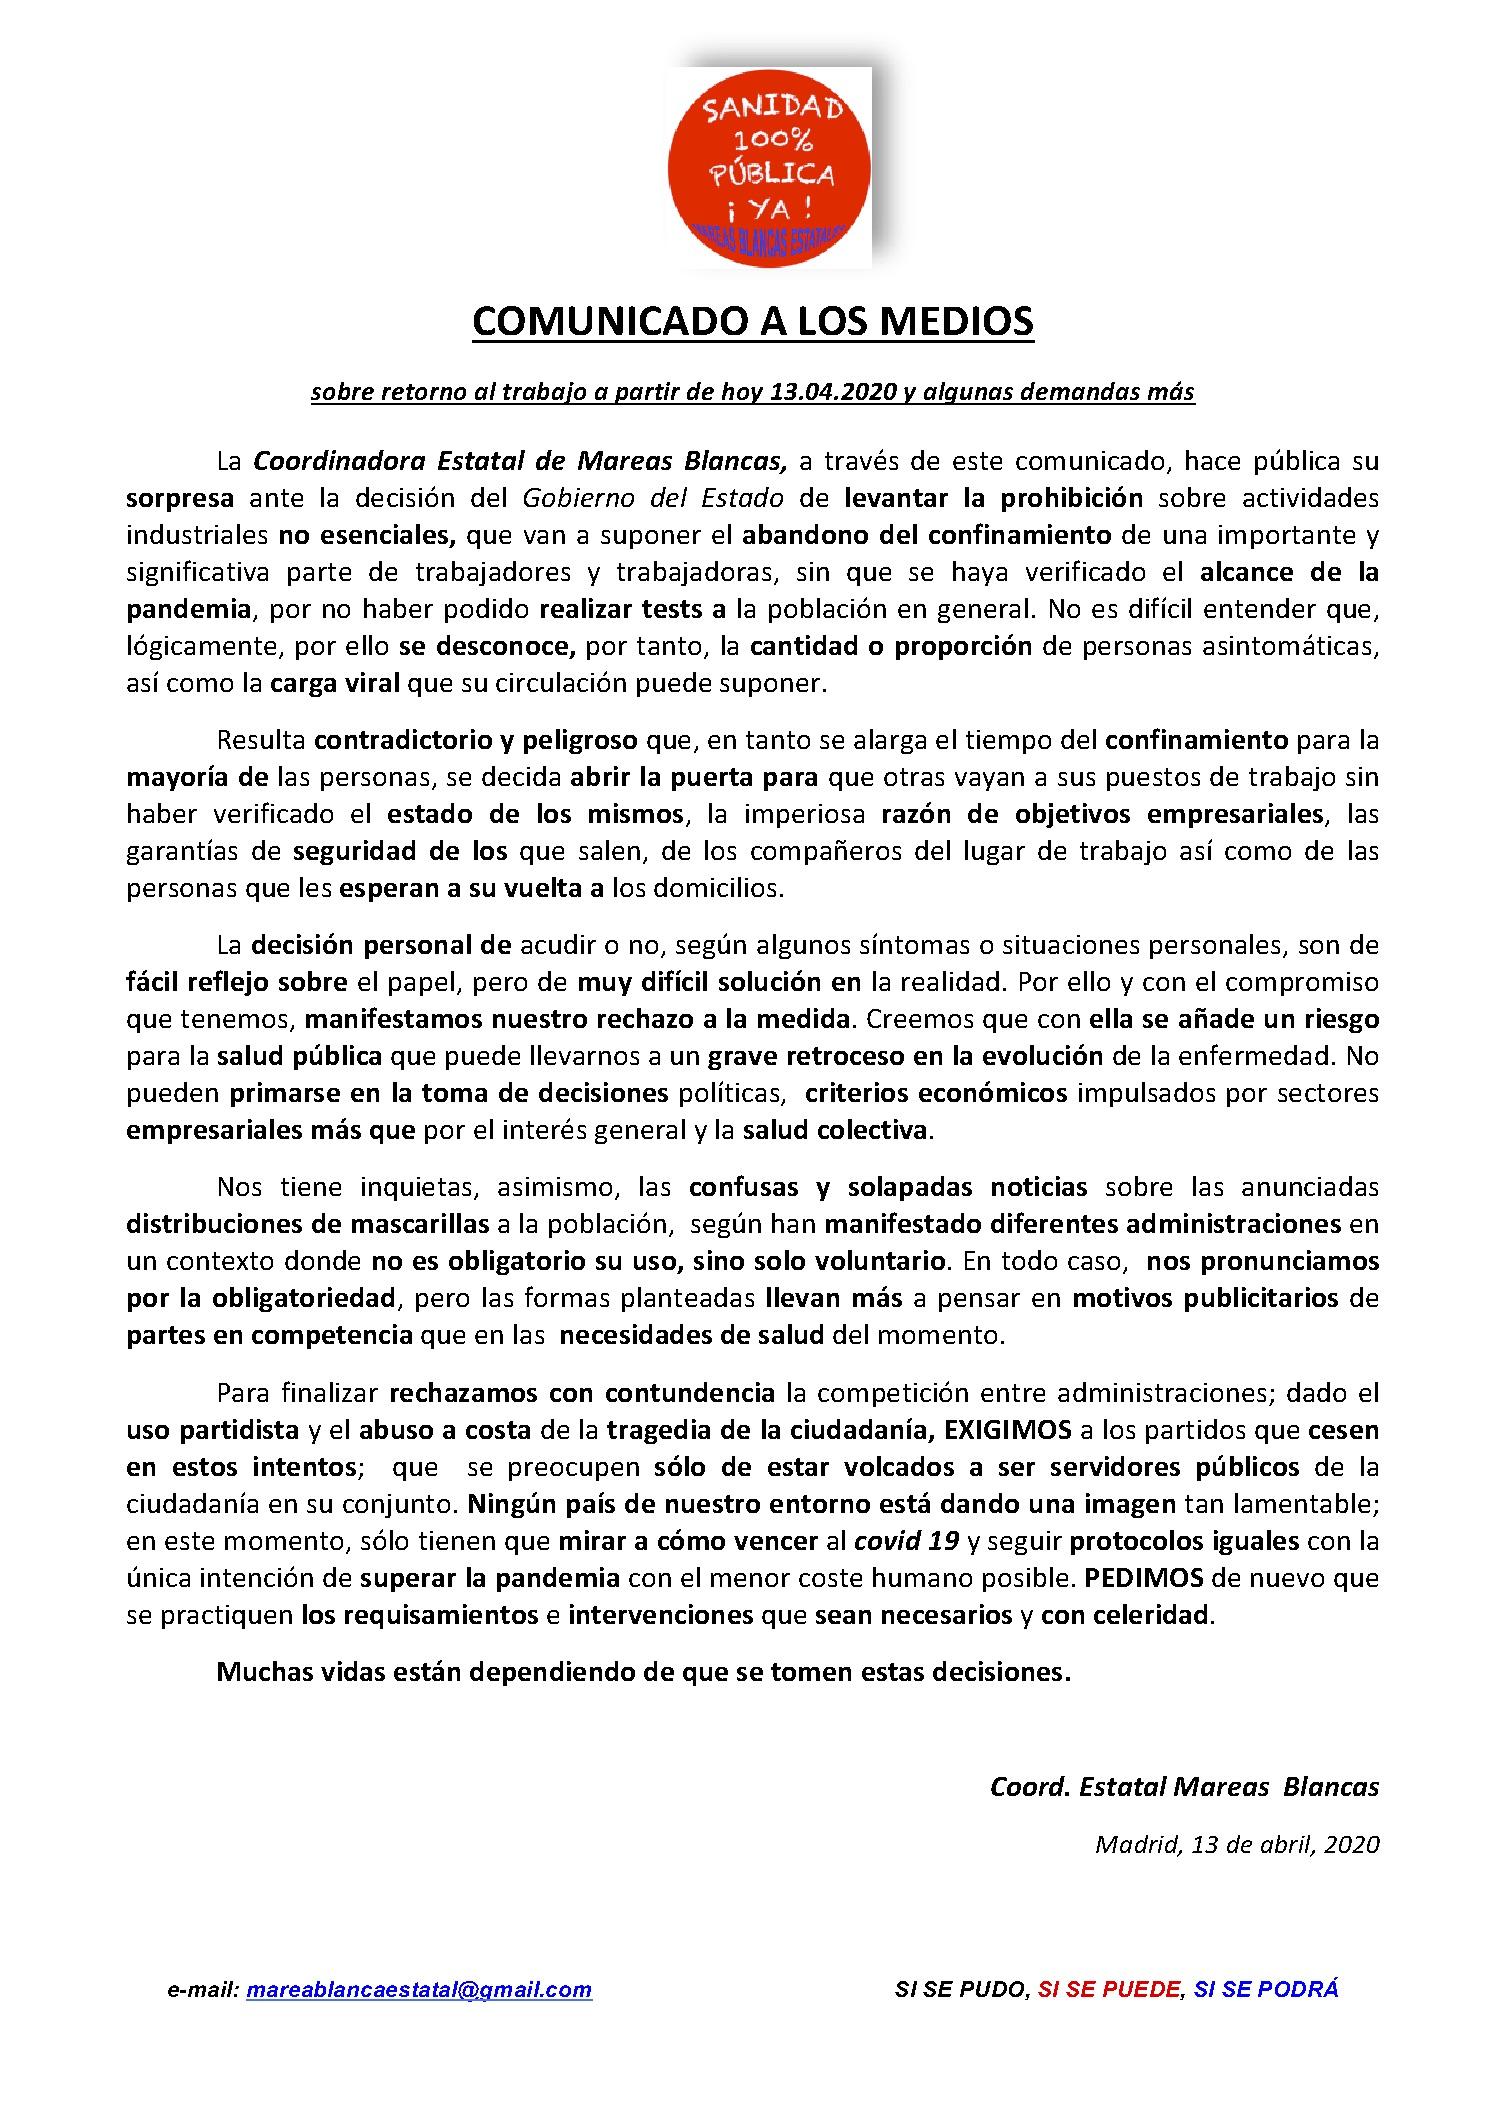 COMUNICADO2 A MEDIOS SOBRE INCORPORACION AL TRABAJO